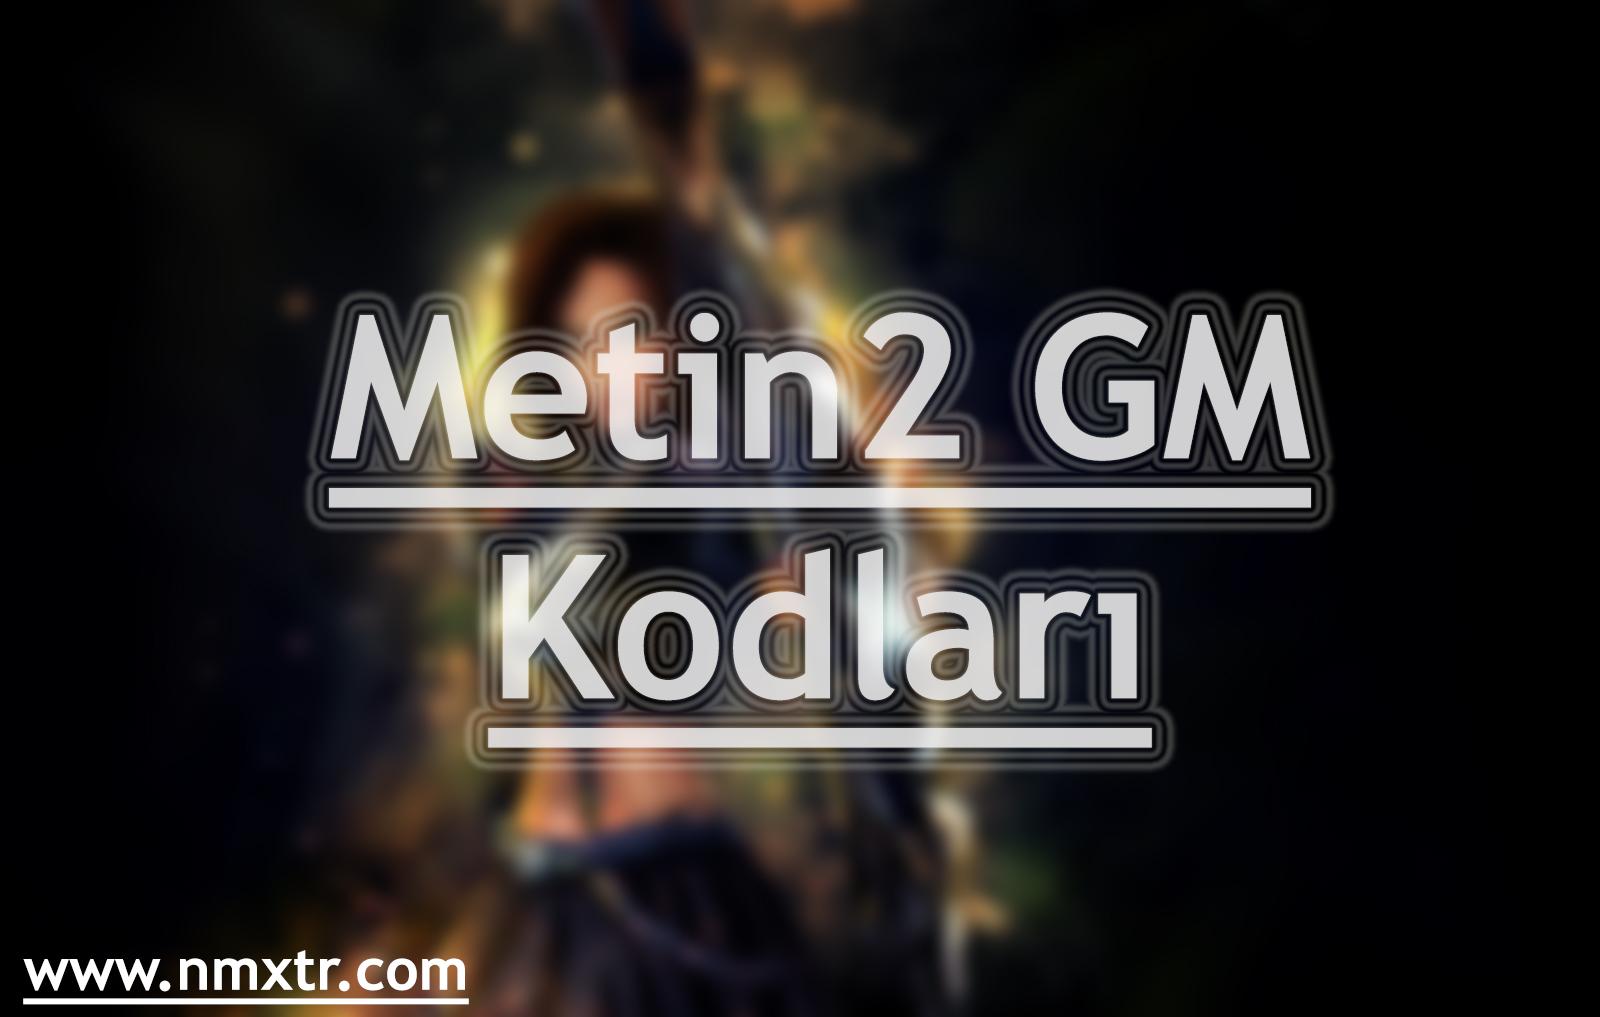 metin2 gm kodları